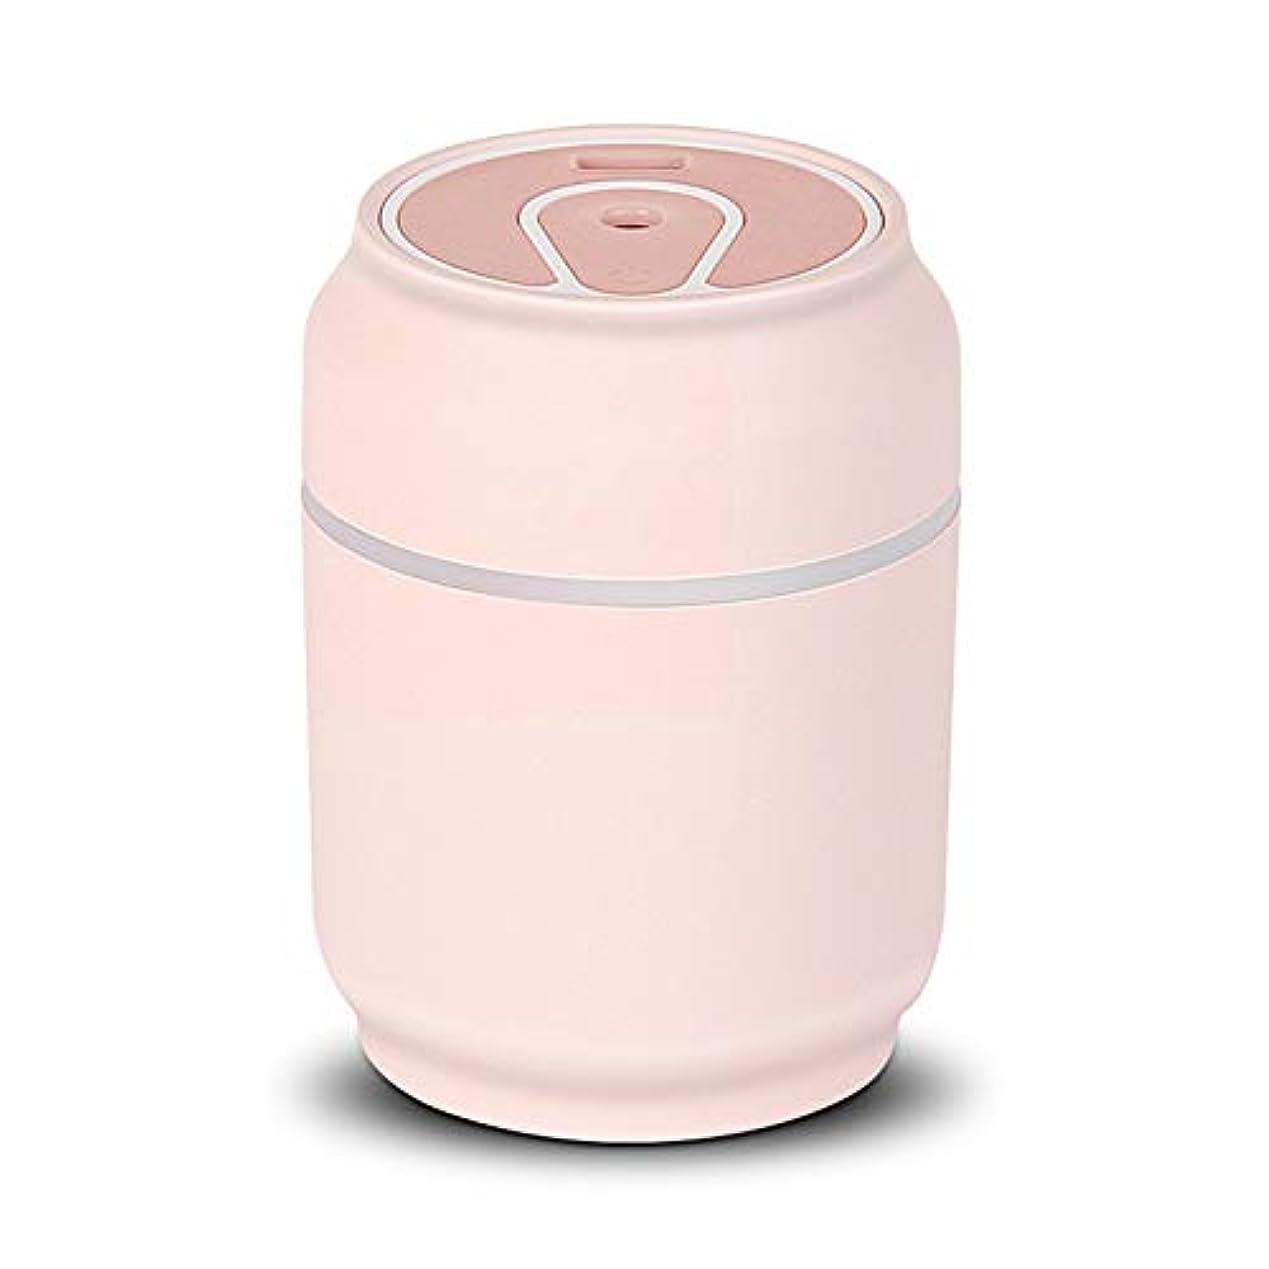 沿って逮捕人間ZXF 新しいクリエイティブ缶シェイプUSB充電加湿器ミュート漫画ミニASB素材ナイトライトファン3つ1つの水分補給器具蒸し顔黒緑ピンク黄色 滑らかである (色 : Pink)